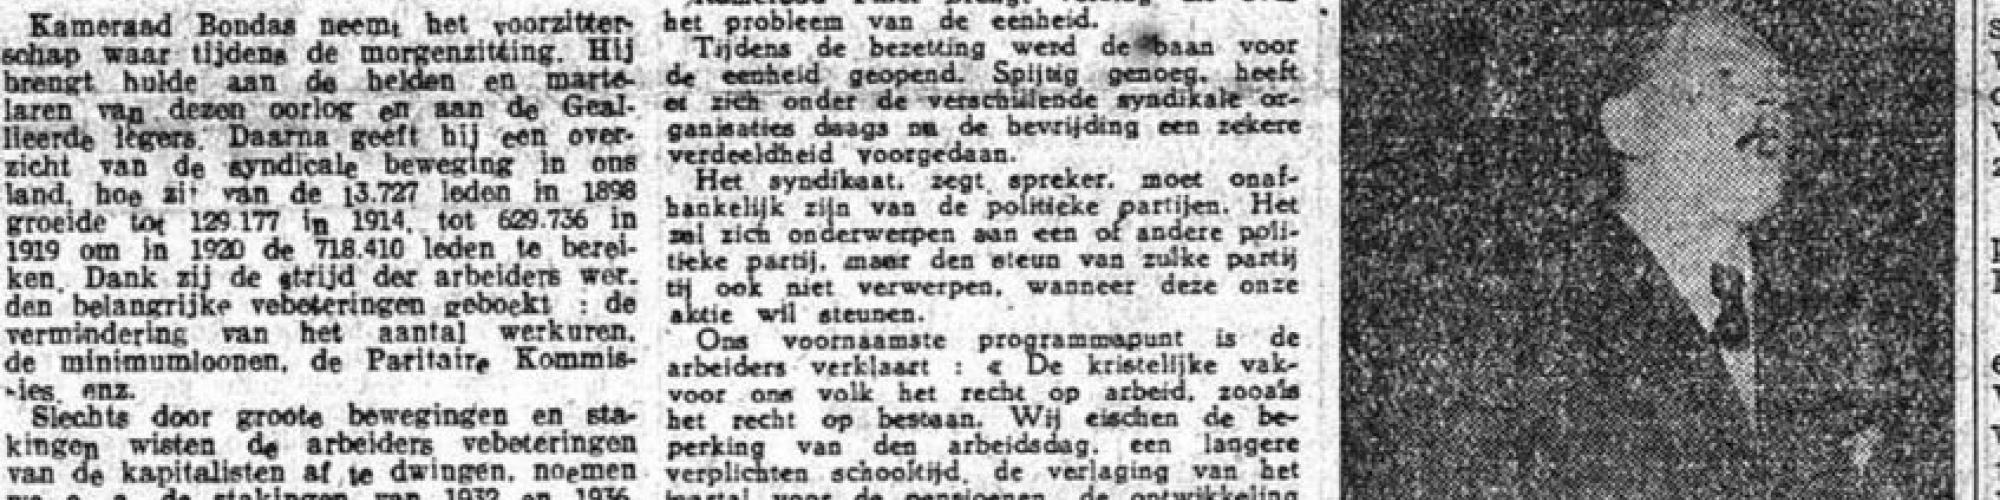 De Rode Vaan, 30/4/1945 © KBR